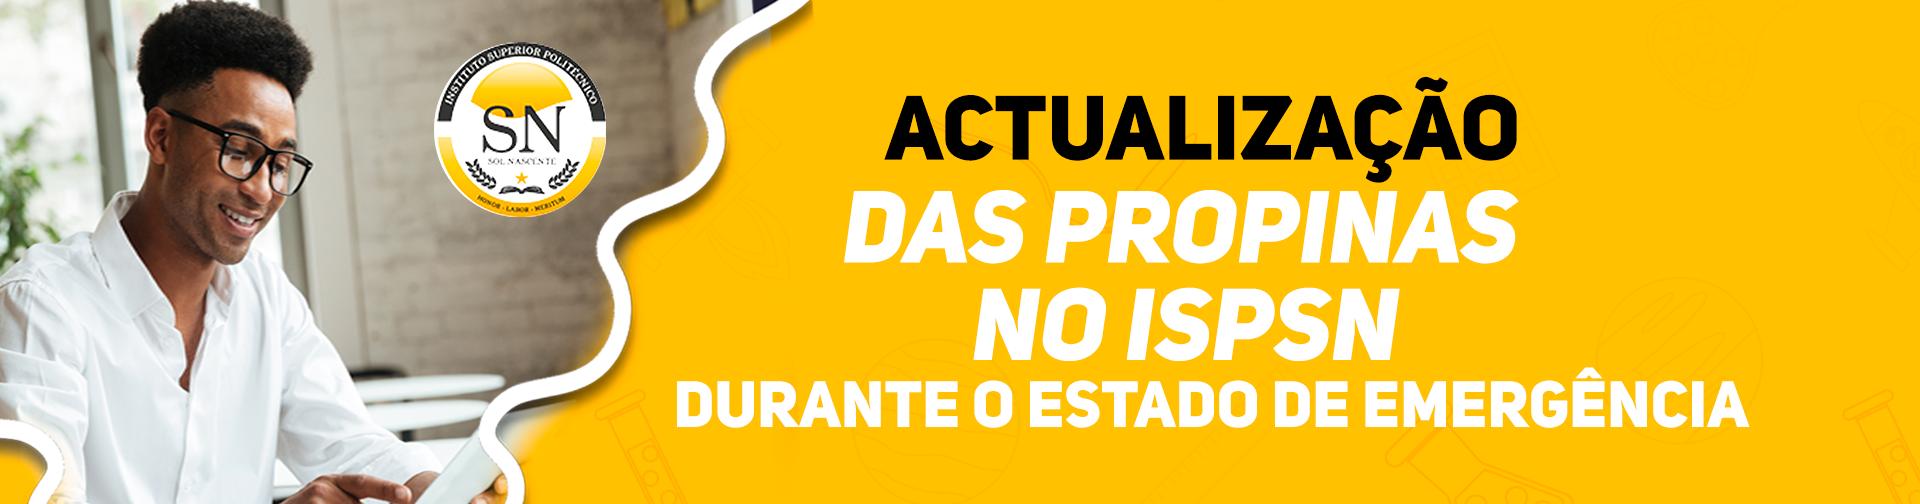 Actualizaçao Valor Propinas